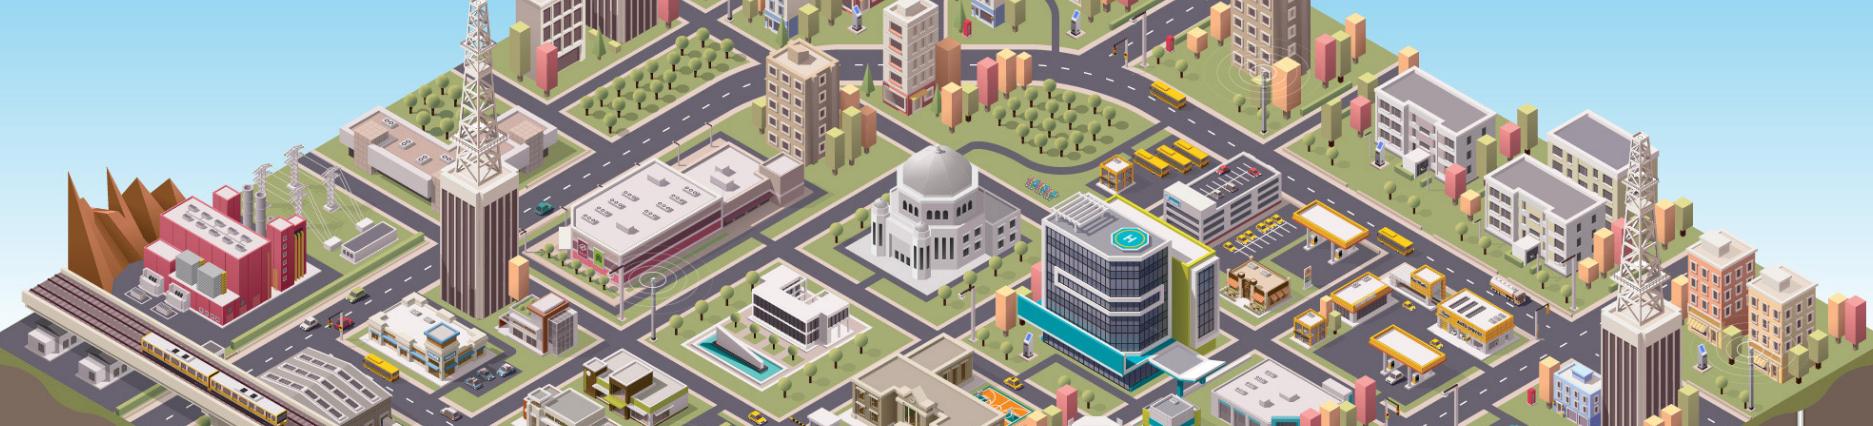 全球瘋建智慧烏托邦趨勢科技資安10大要點協助檢視智慧城市安全性